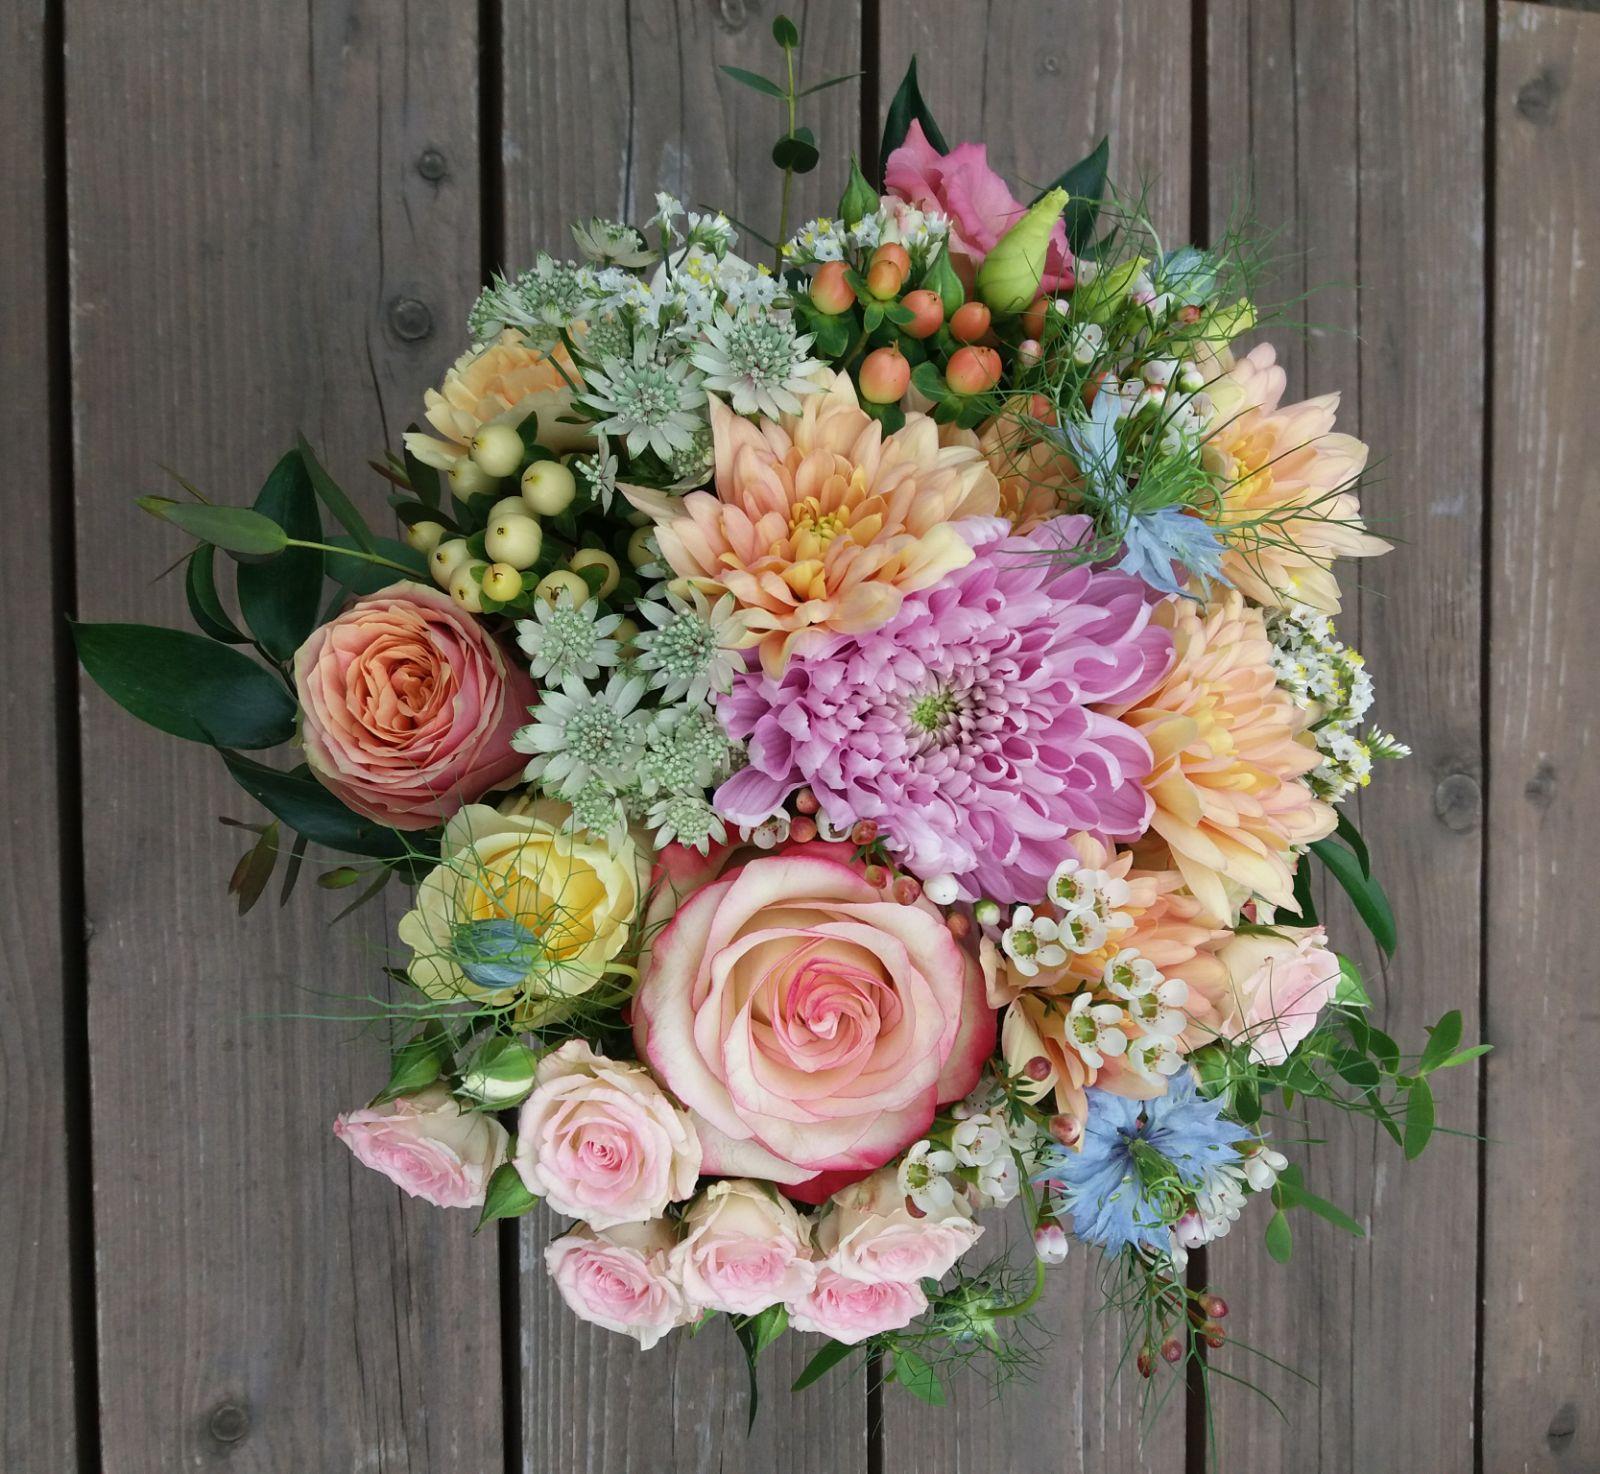 Květnová svatba plná barev! - Obrázek č. 2